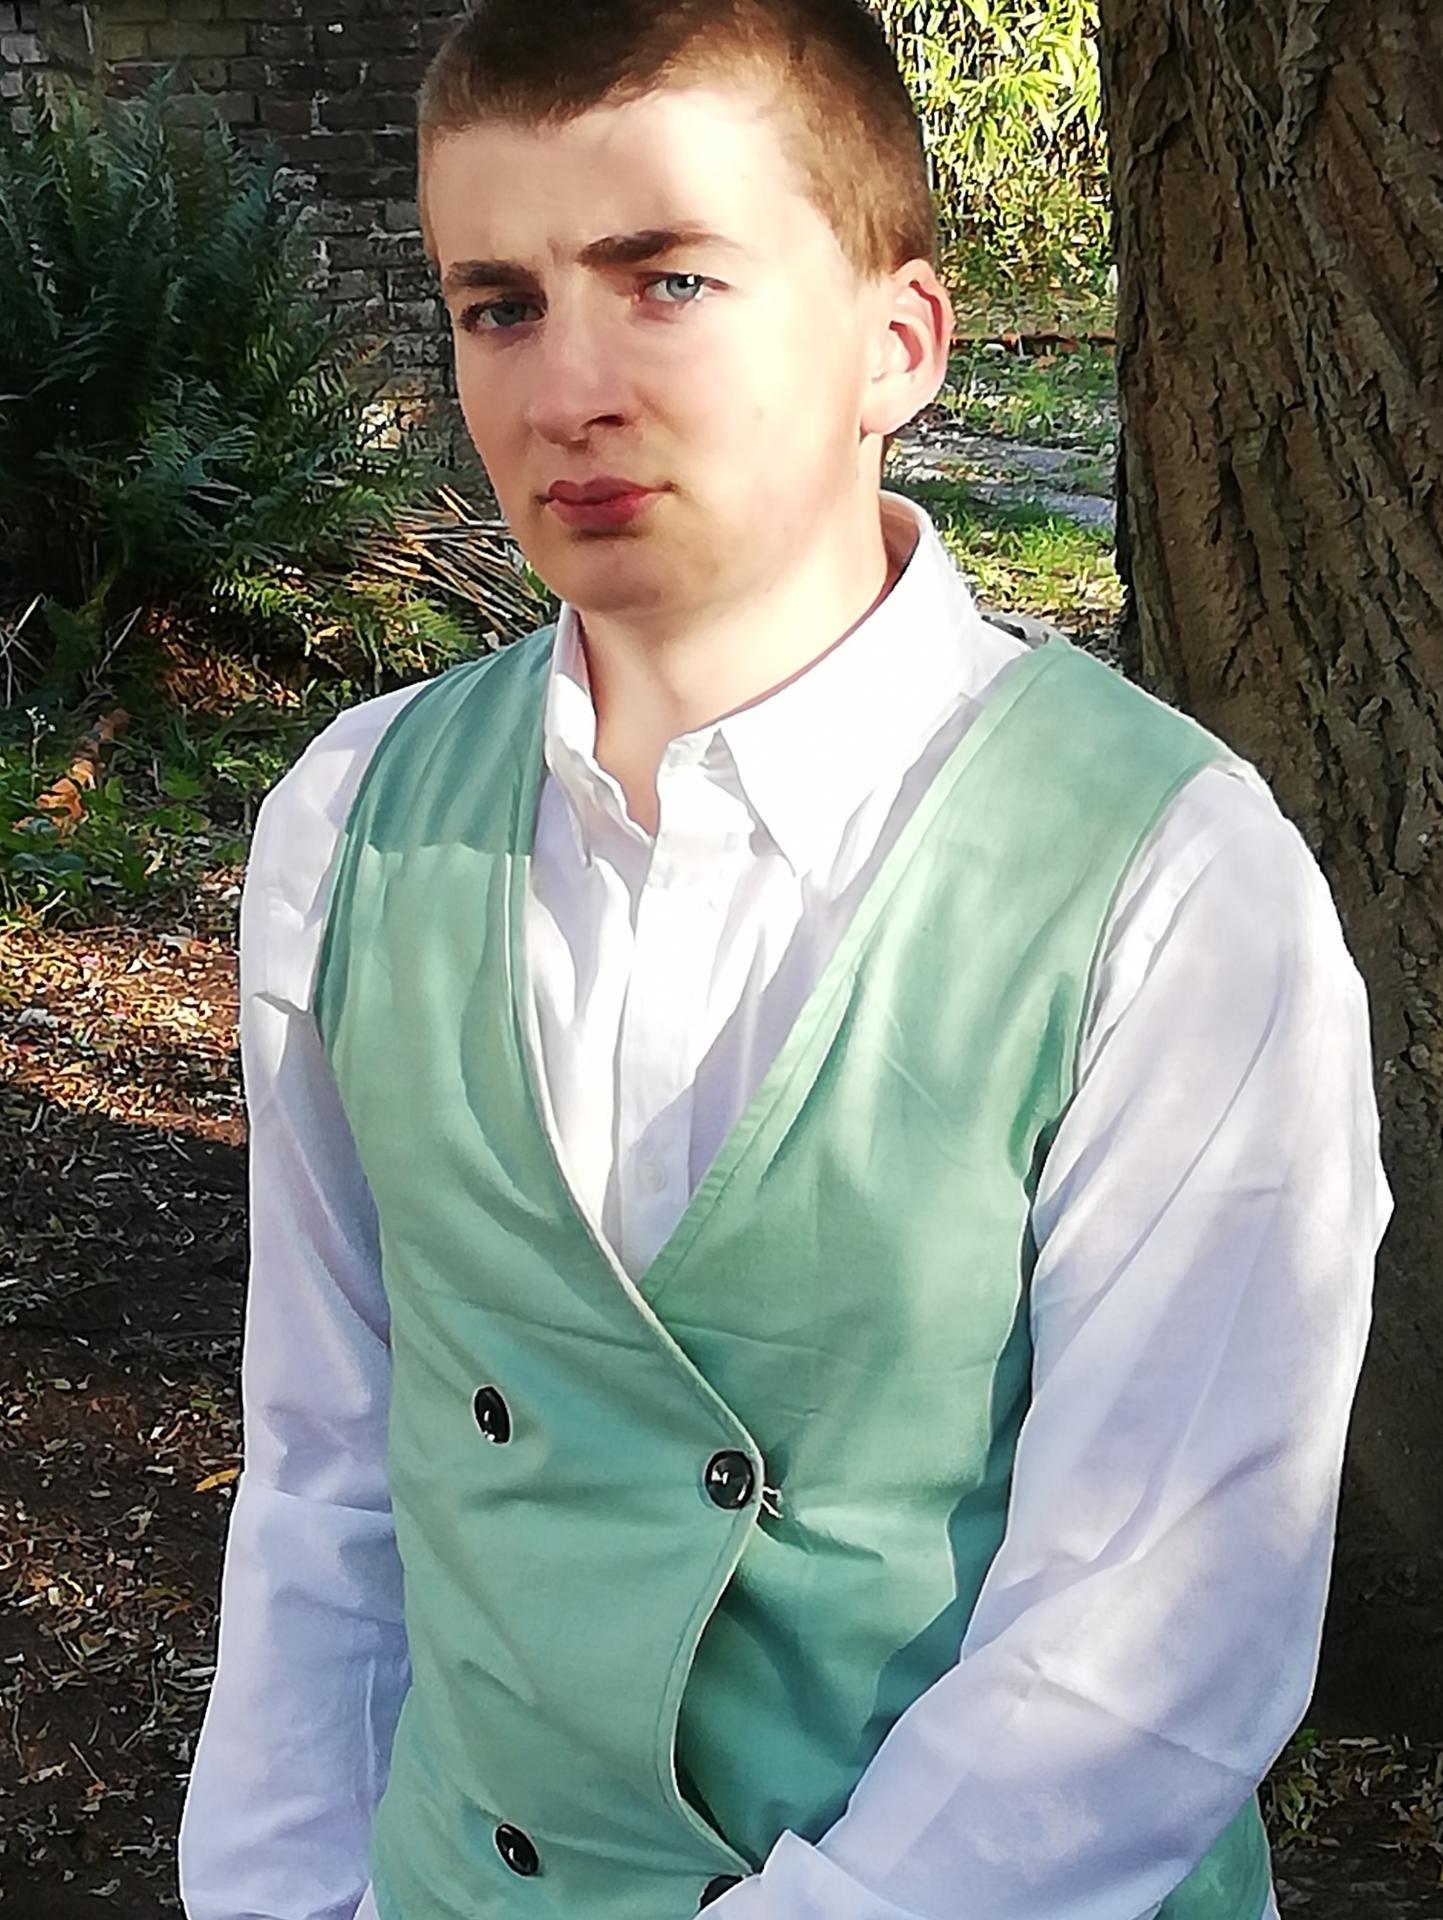 Gilet homme reversible coton imprime fleuri et touche cachemire vert pastel boutonnage croise detail 6